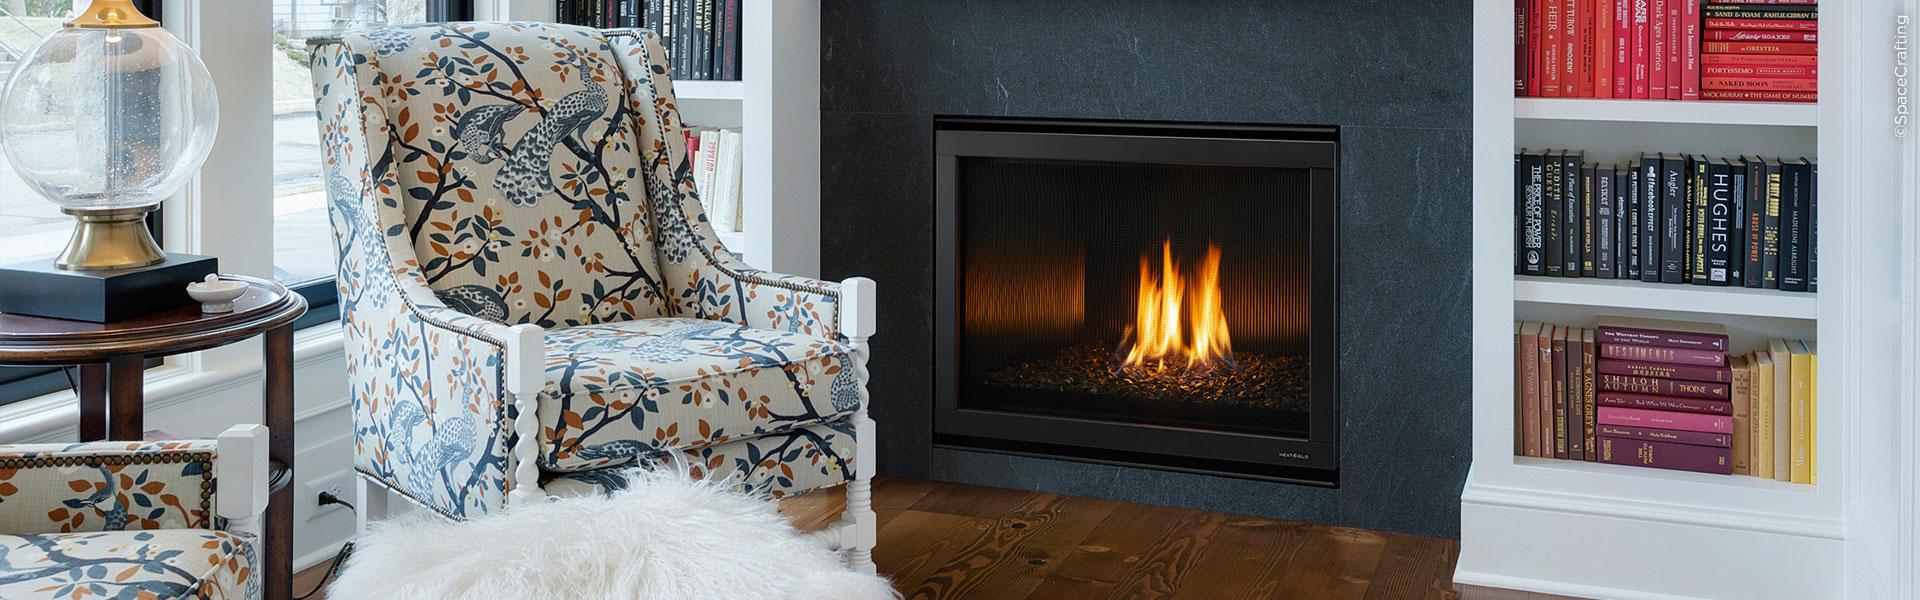 Heat & Glo 8000 Modern Gas Fireplace